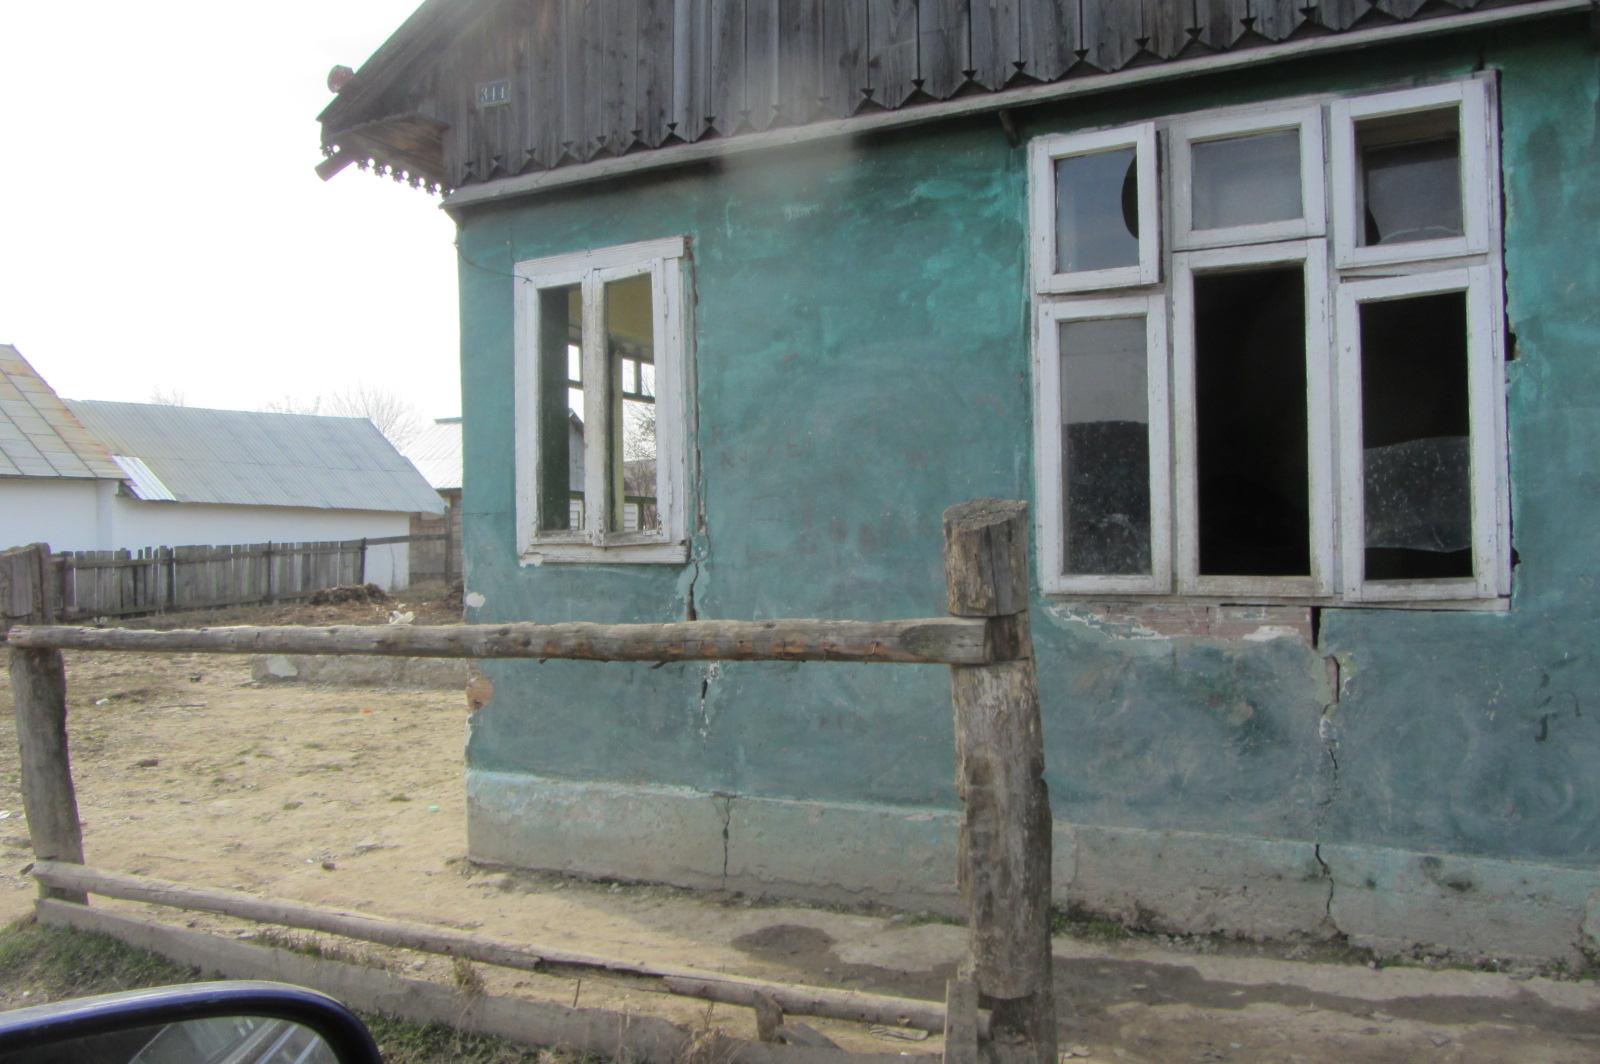 """Ein Haus wie das andere. Ein undichtes Dach und geplatzte Fensterscheiben. Das Land ist (stellenweise) bettelarm. Ostrumänien gehört zu den ärmsten Regionen in Europa. Experten sagen auch oft """"die zweite Welt im Übergang zur dritten Welt"""" , es ist nicht übertrieben. Griechenland ist nicht alleine mit seiner Armut, auch Ostrumänien verdient unsere Hilfe. Die Pferde werden es uns danken."""